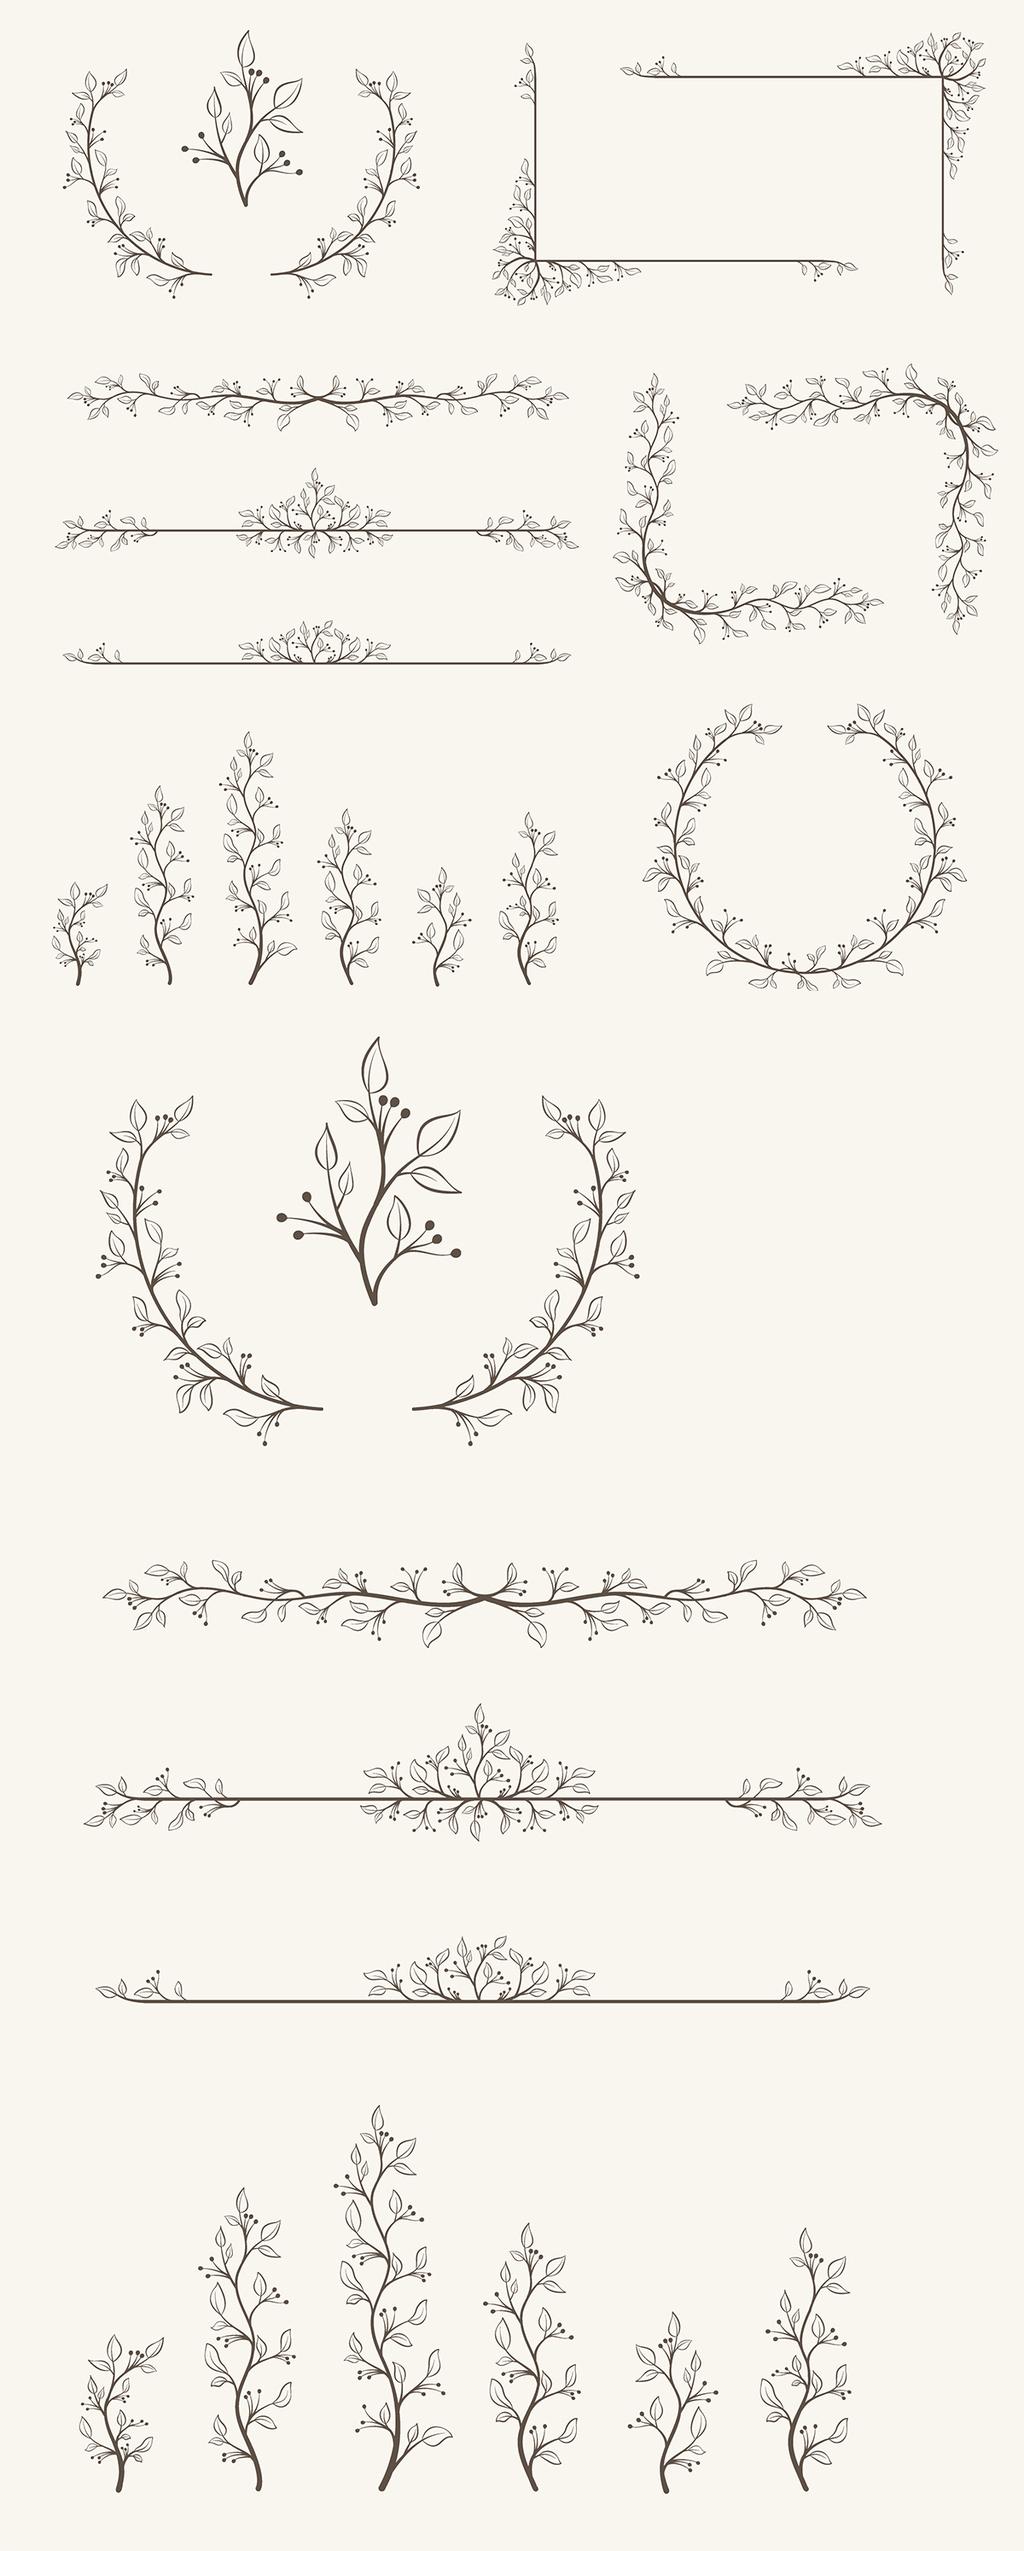 多款黑色手绘枝条柳条花边边框矢量素材1